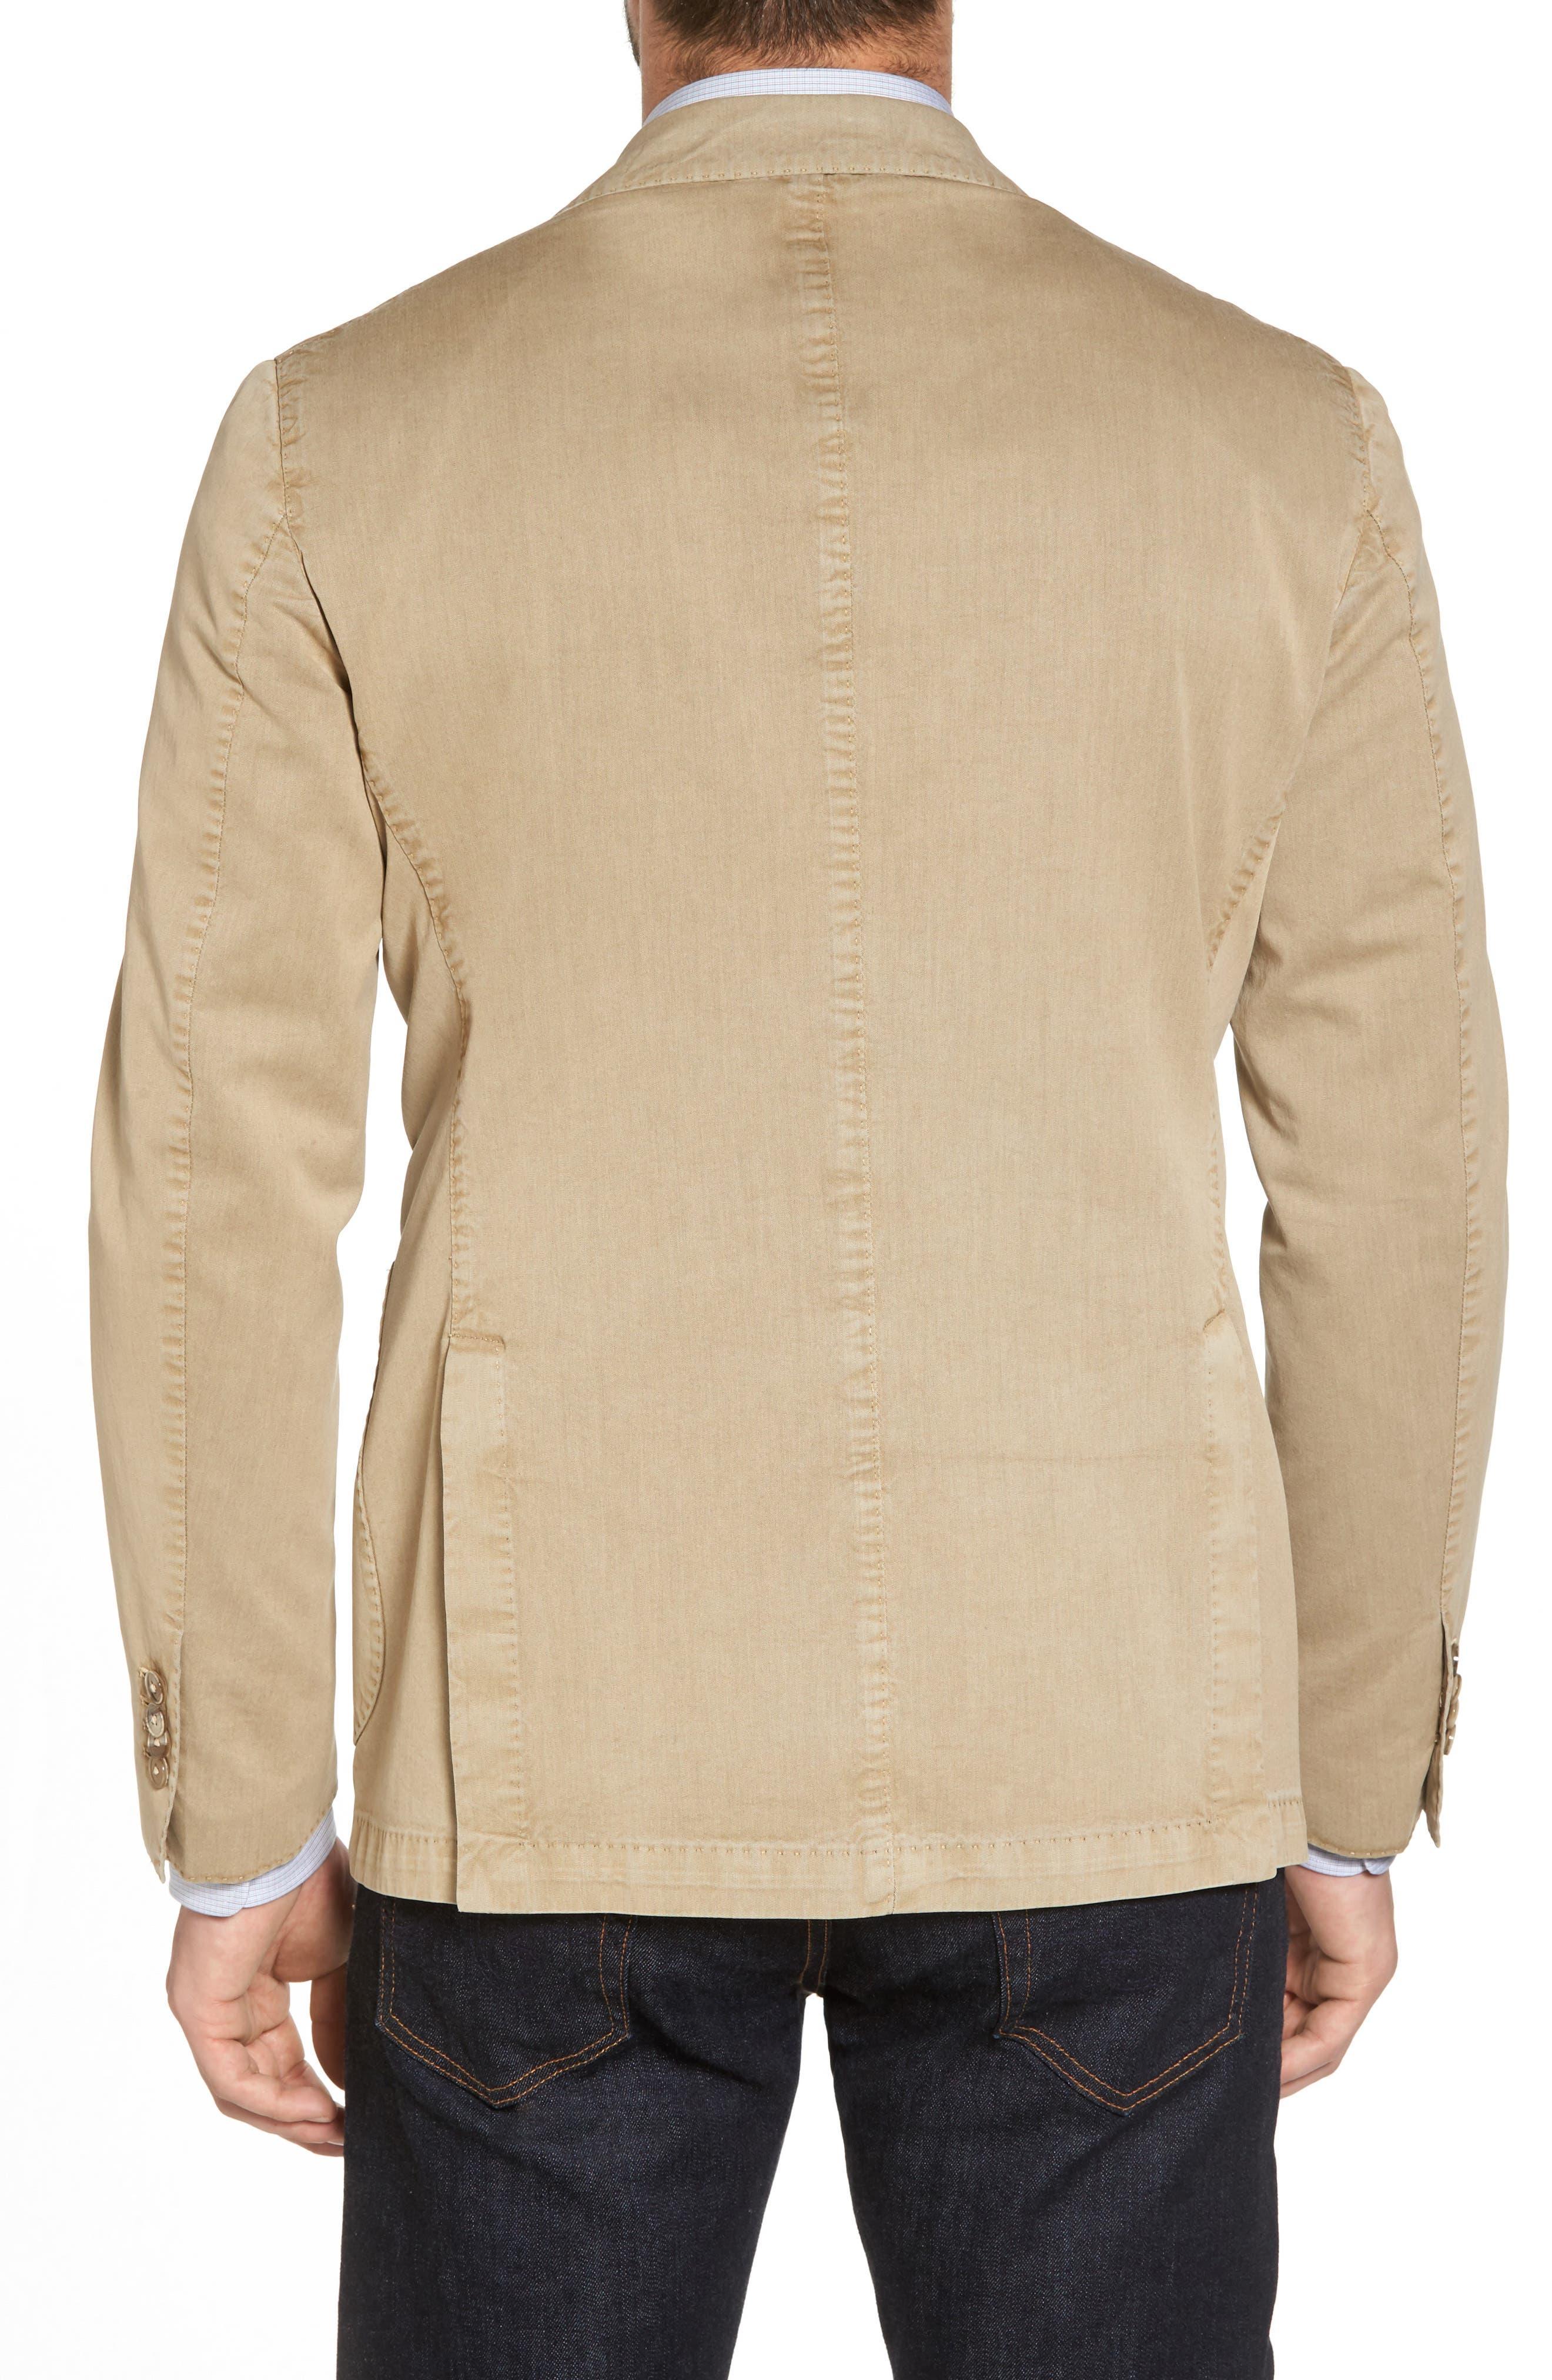 Classic Fit Cotton & Silk Blazer,                             Alternate thumbnail 2, color,                             Beige/ Khaki